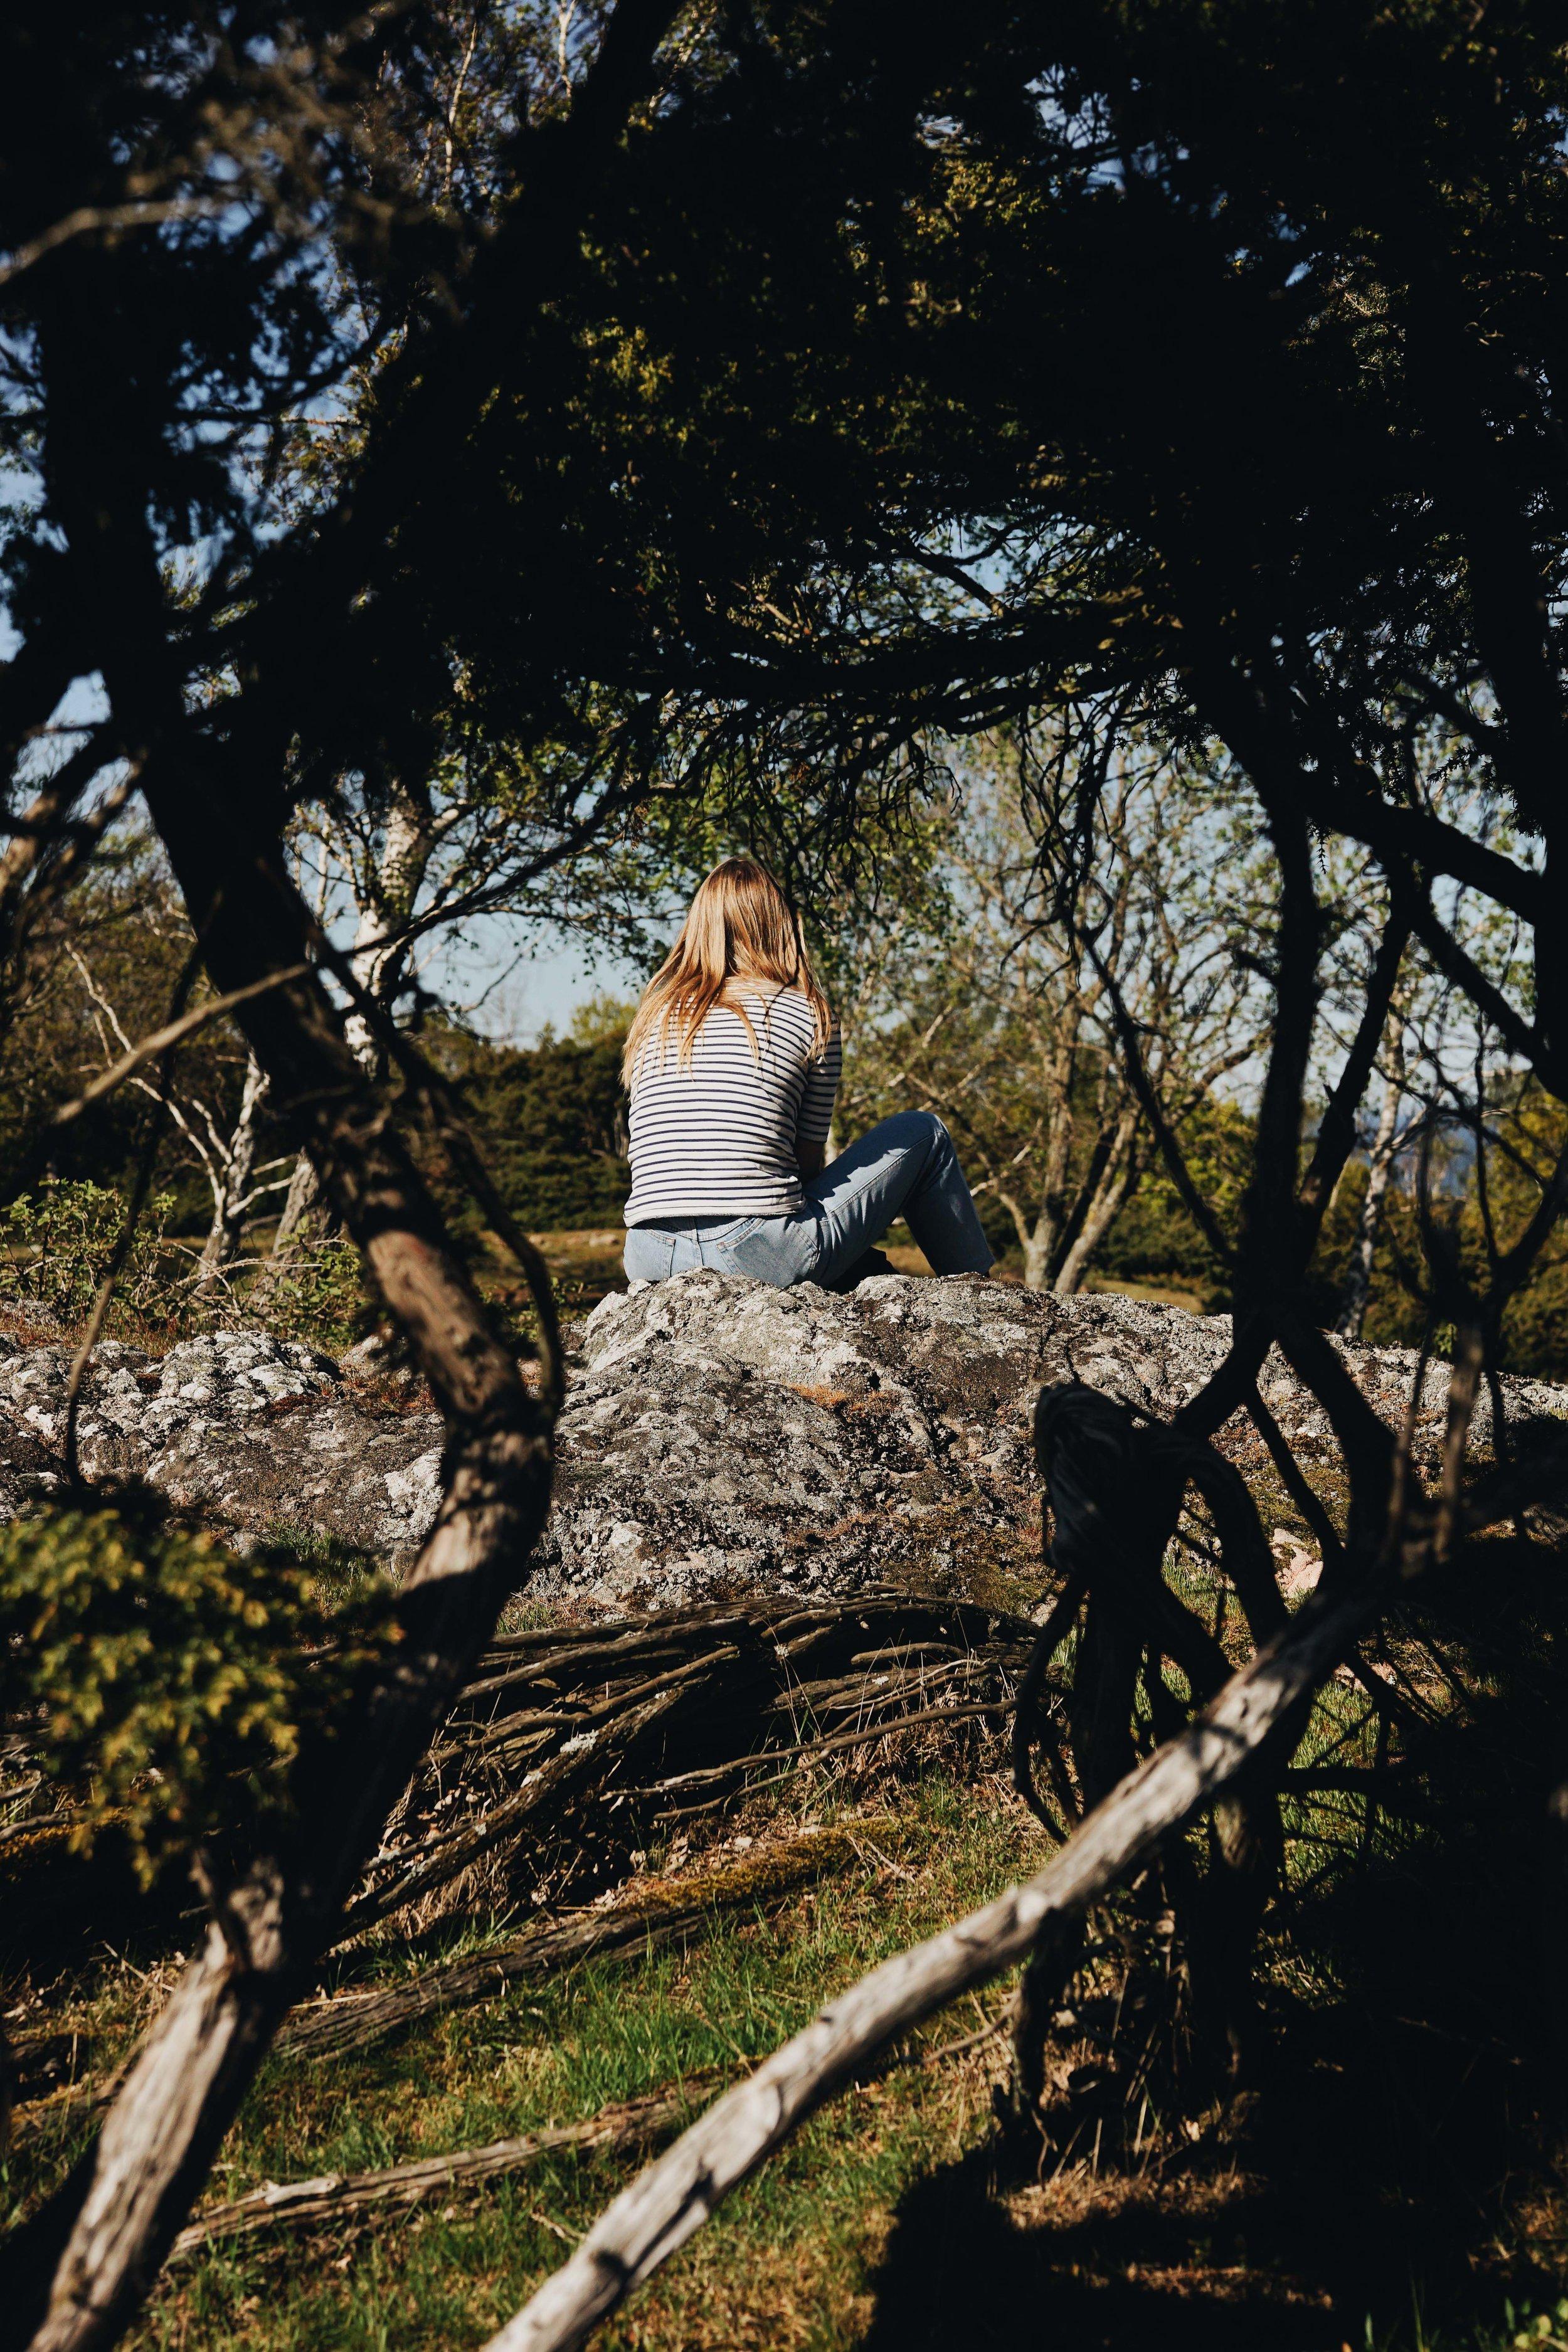 ASROSENVINGE_VisitSkane_Sweden_Molle_Kullaberg_Hiking_LowRes-120.jpg